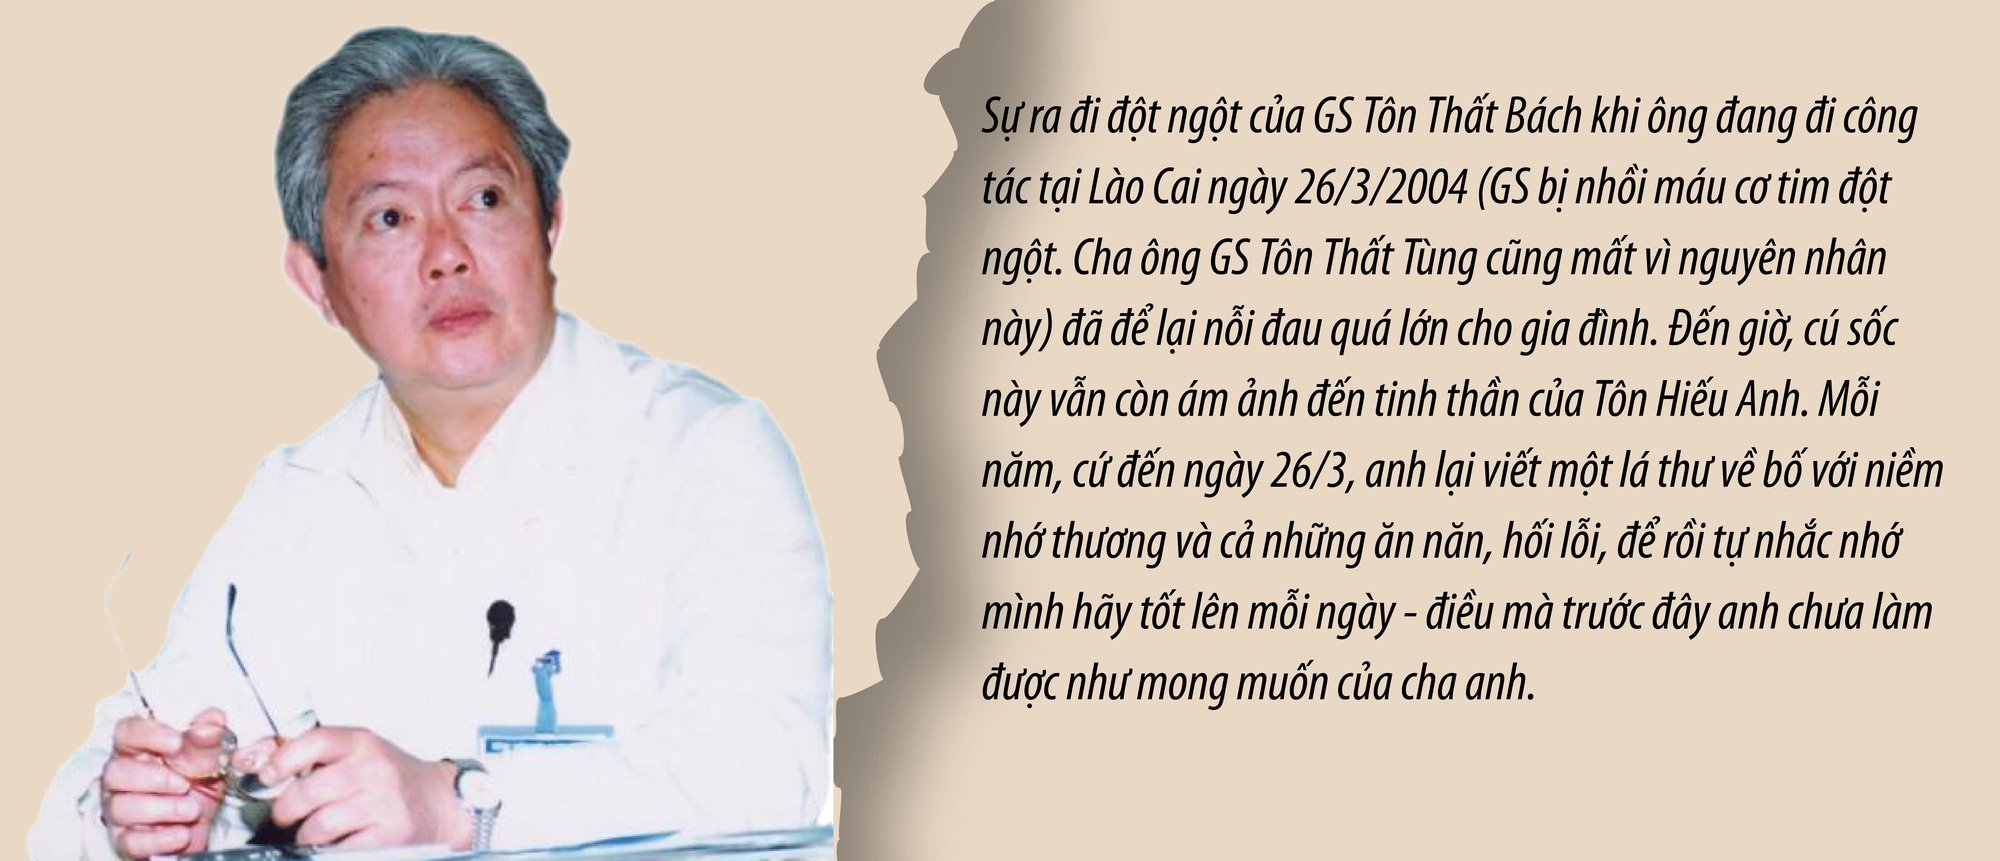 """Con trai GS Tôn Thất Bách: Cha tôi từng có 10 năm buồn chán vì không được trọng dụng"""" - Ảnh 7."""